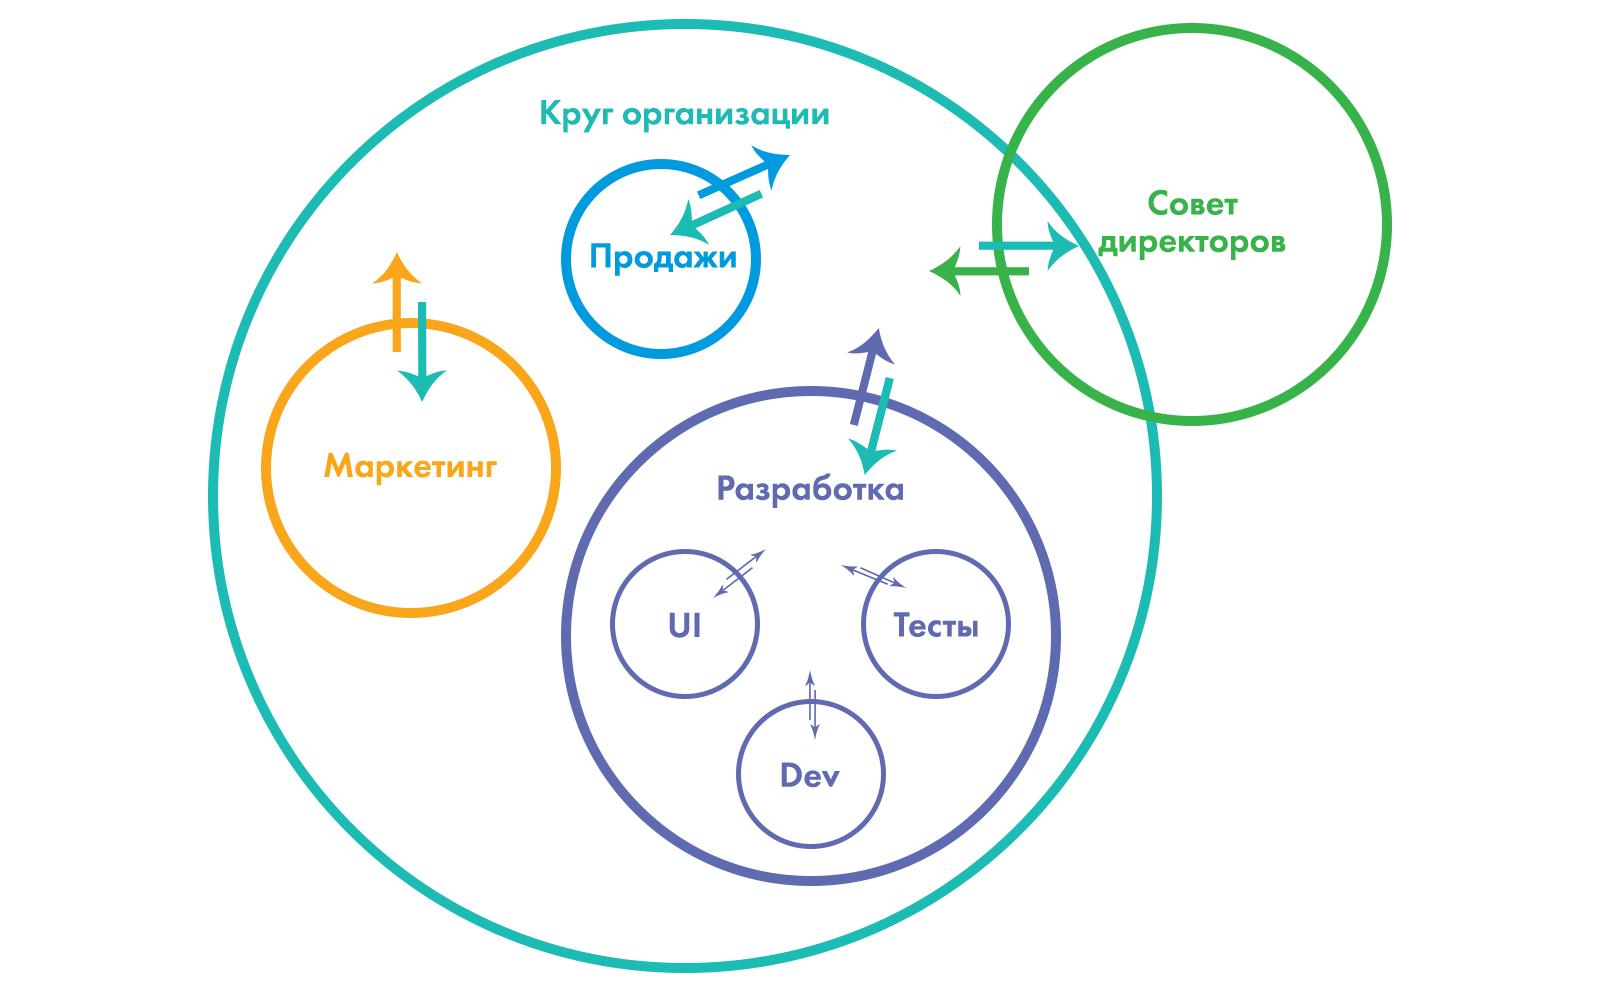 Система кругов в холакратической организации